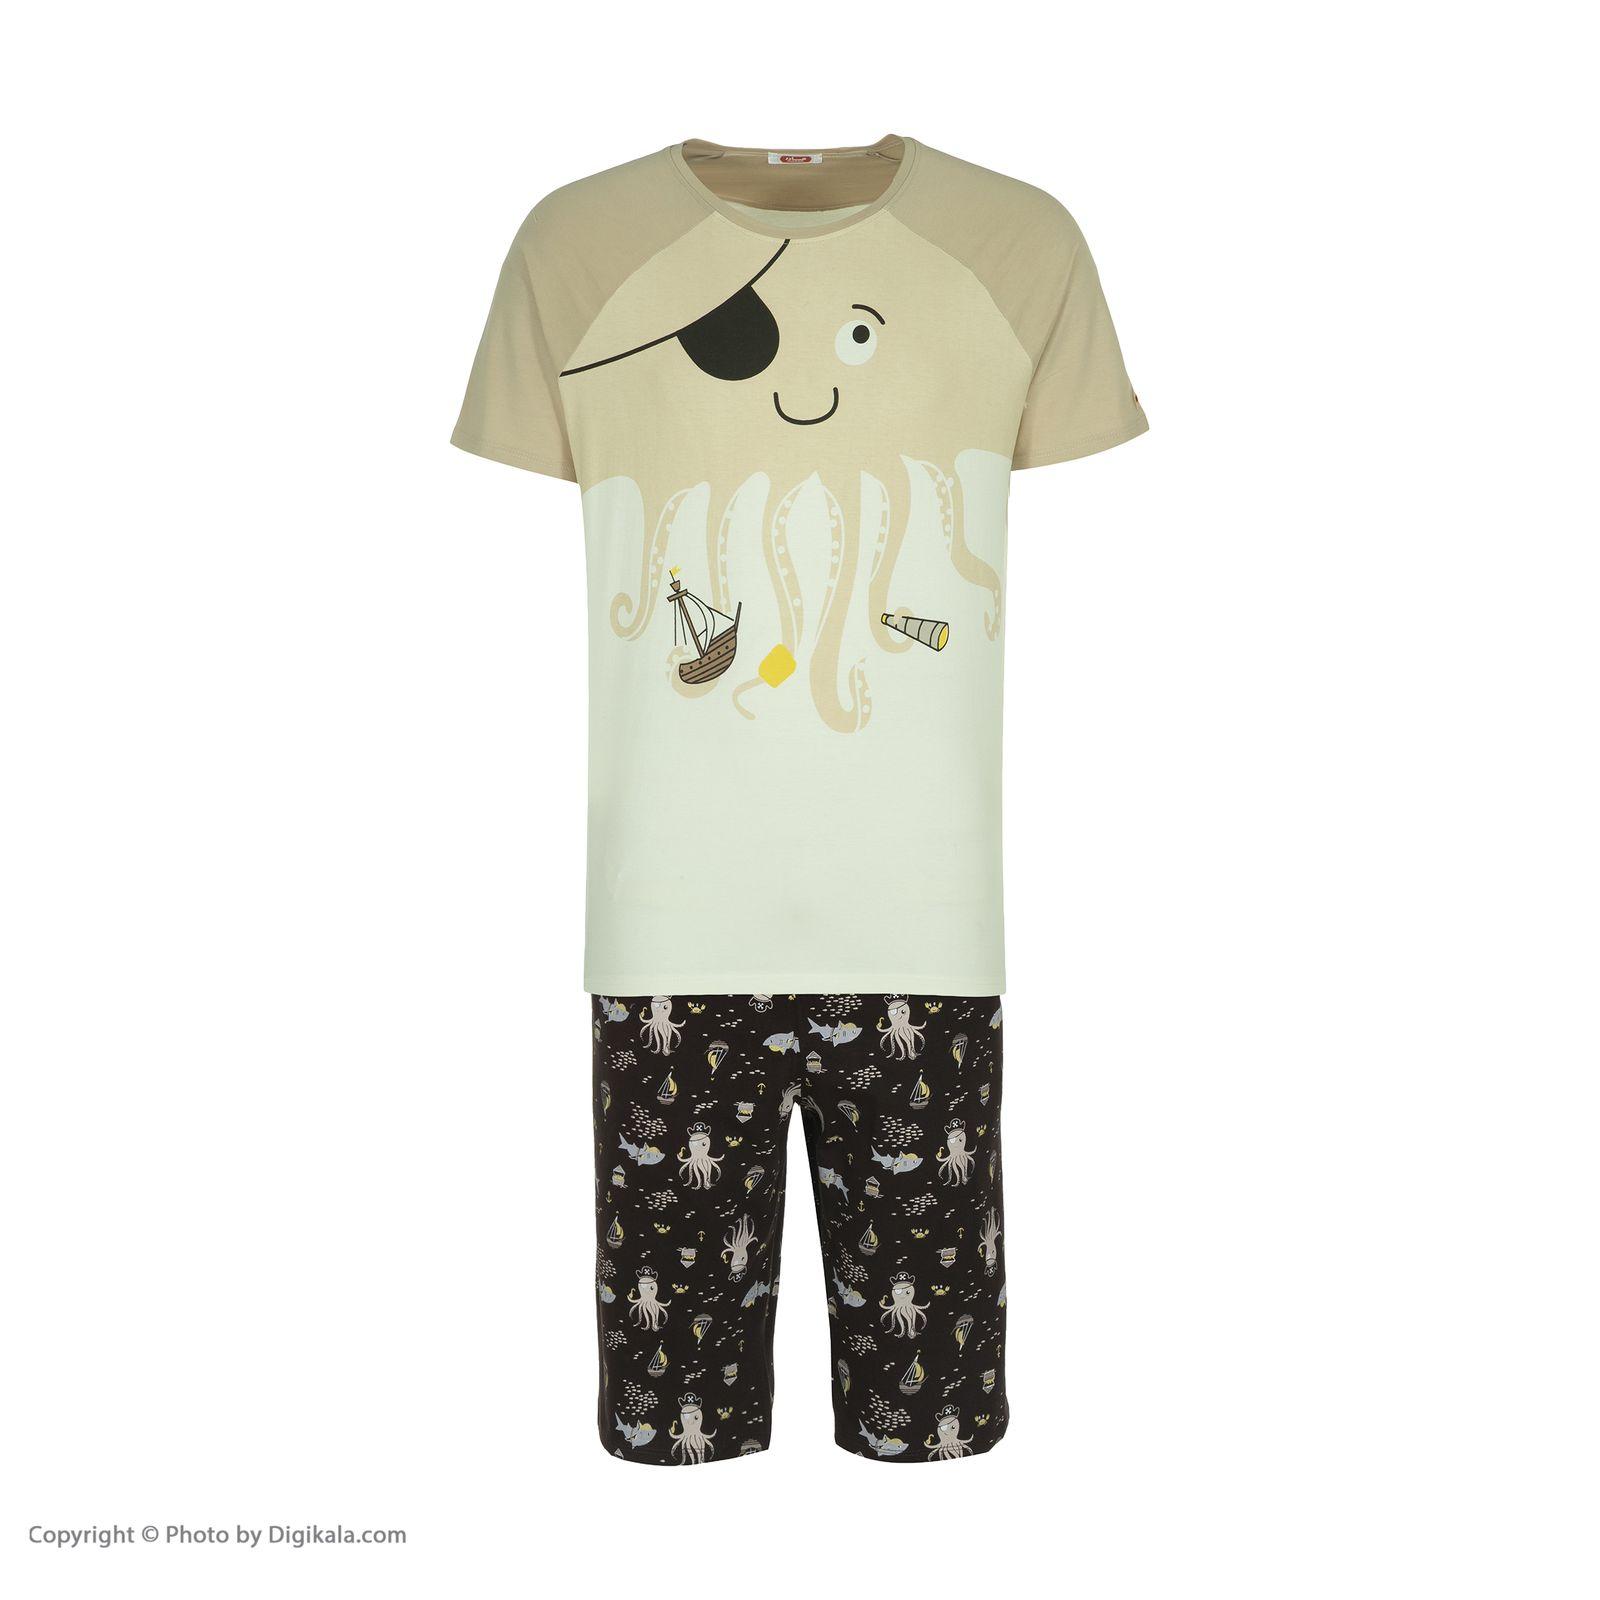 ست تی شرت و شلوارک راحتی مردانه مادر مدل 2041107-07 -  - 3